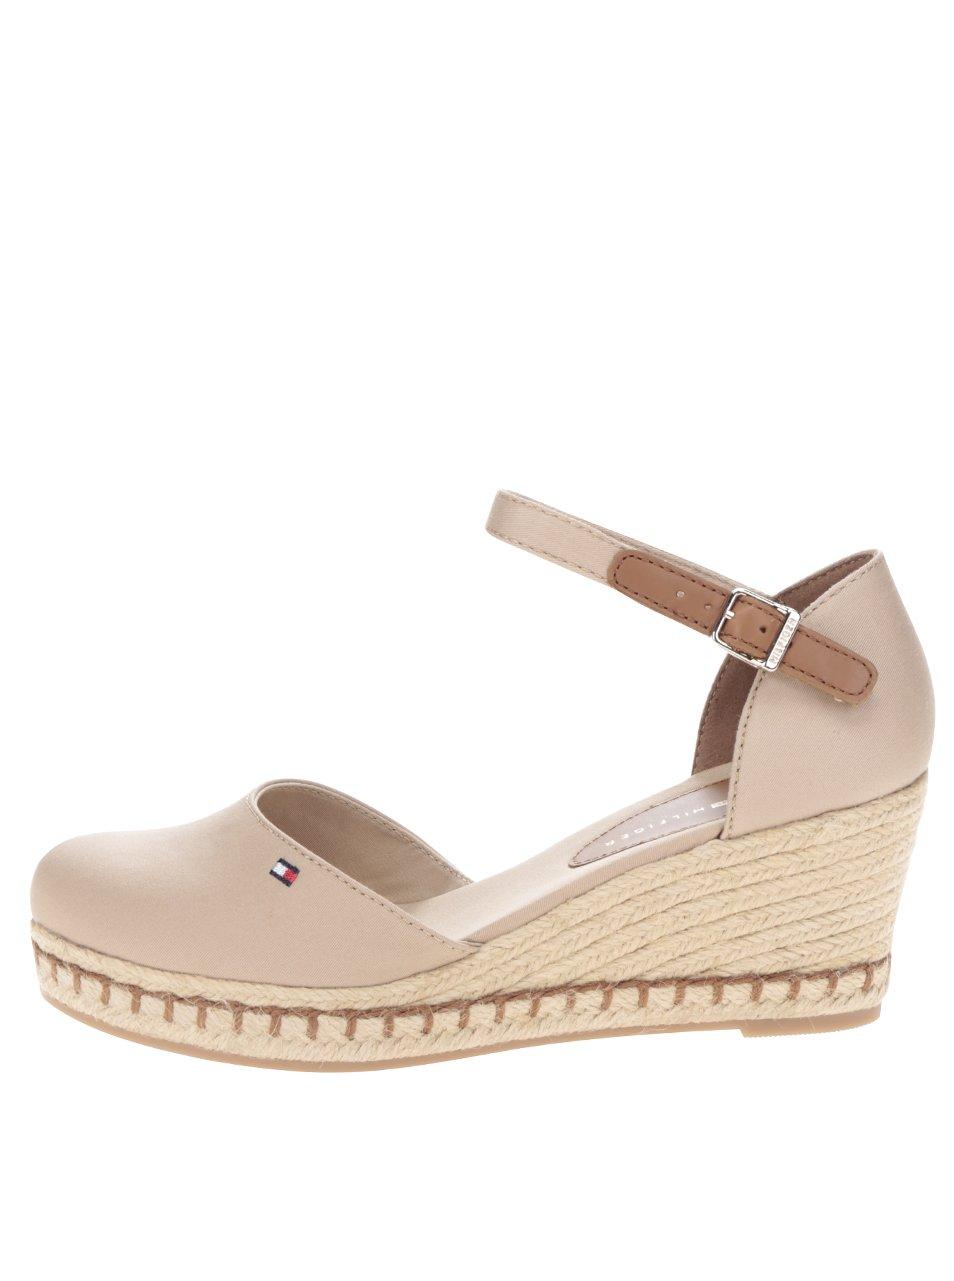 Béžové dámské sandály na klínku Tommy Hilfiger